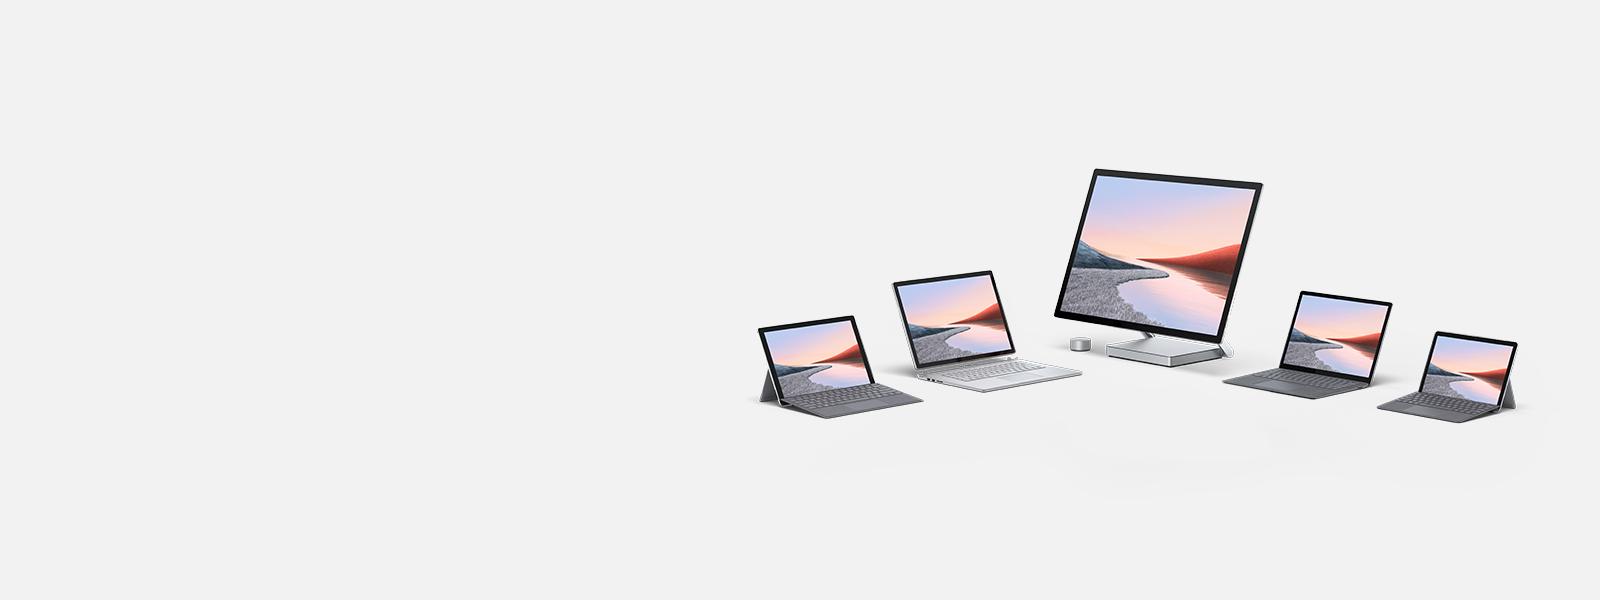 Surface 升级新体验